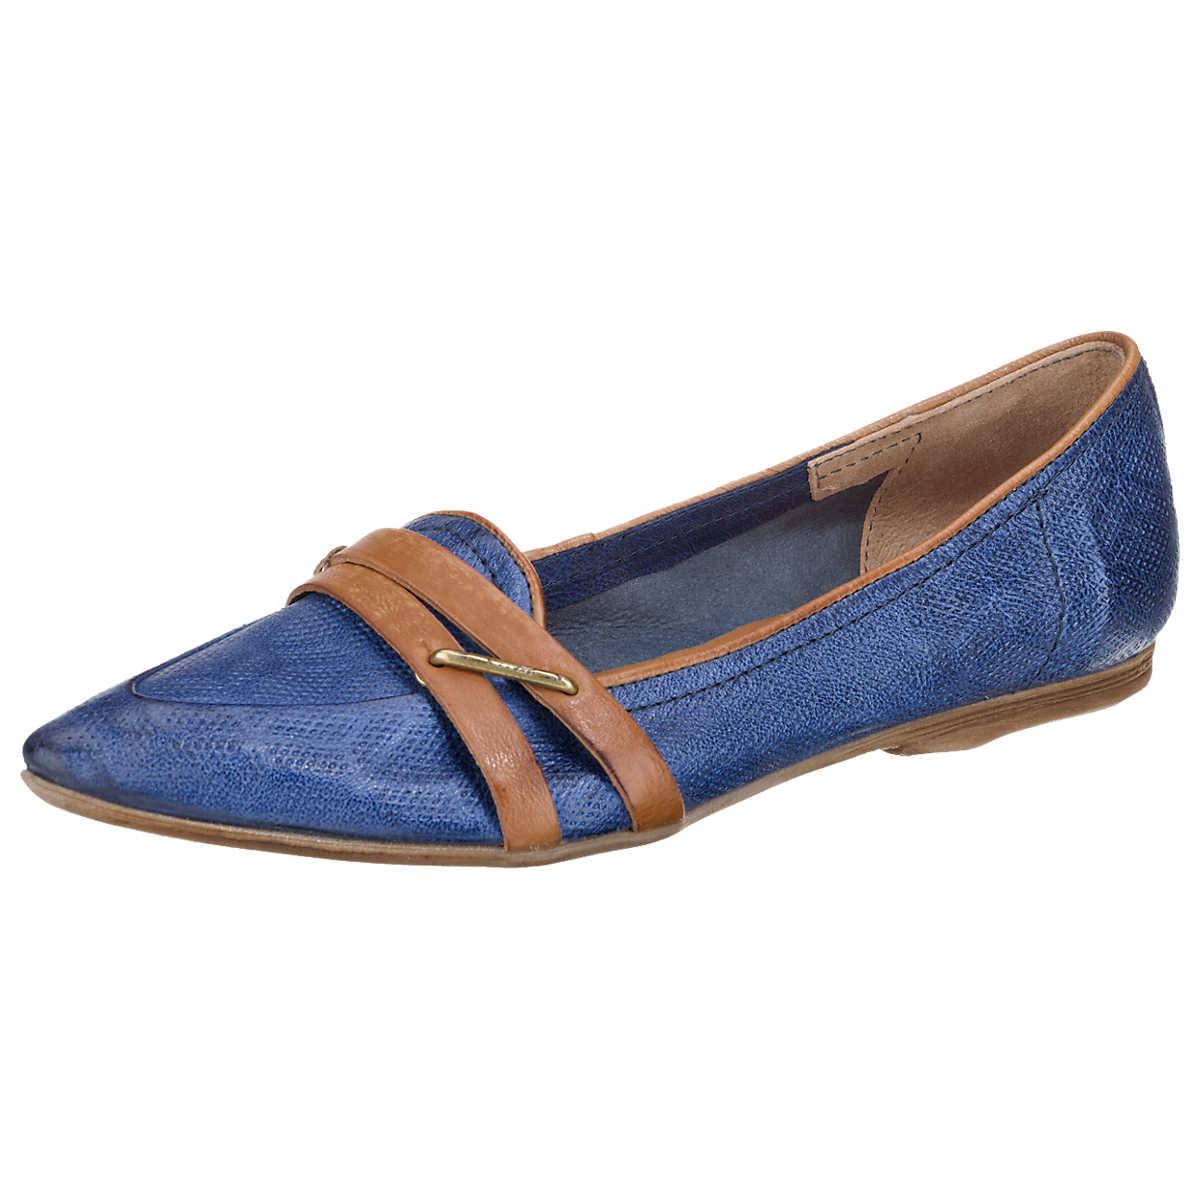 A.S.98 Miri Ballerinas blau - A.S.98 - Ballerinas - Schuhe - mirapodo.de